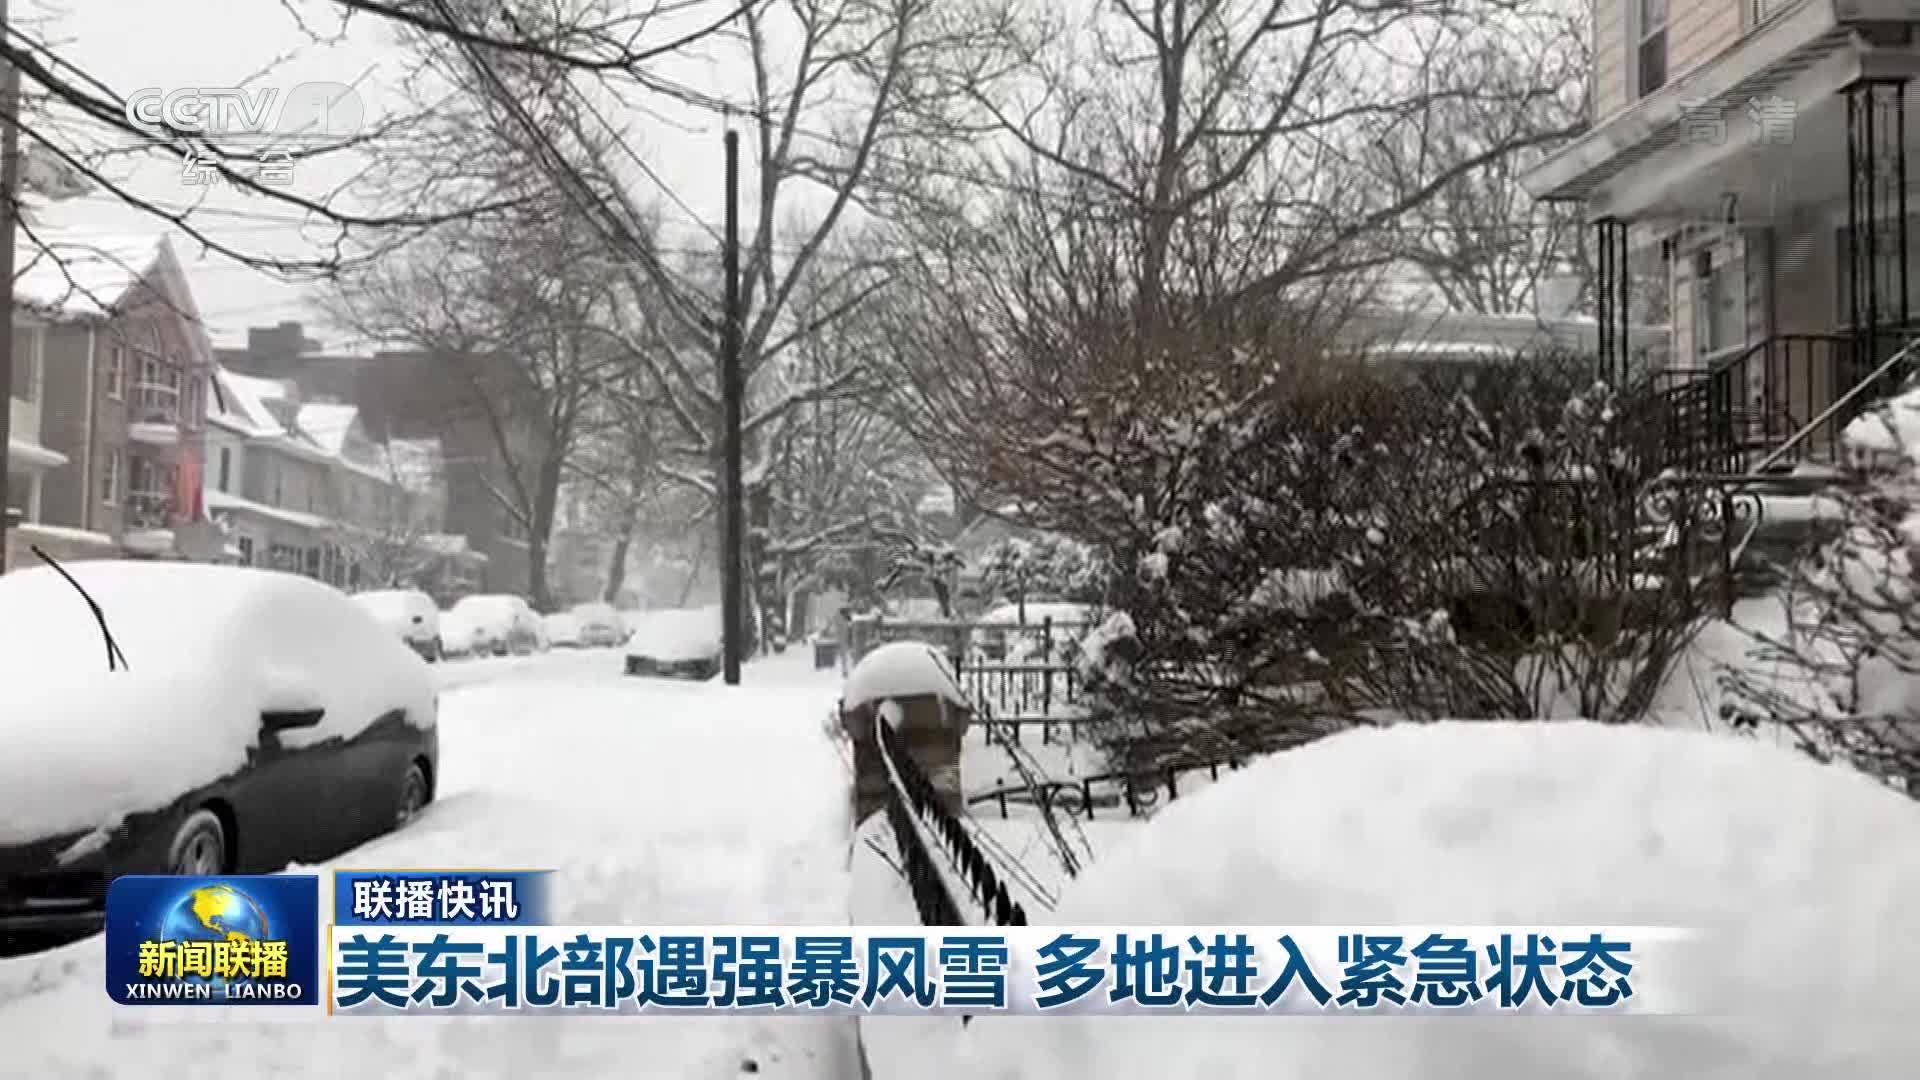 【联播快讯】美东北部遇强暴风雪 多地进入紧急状态